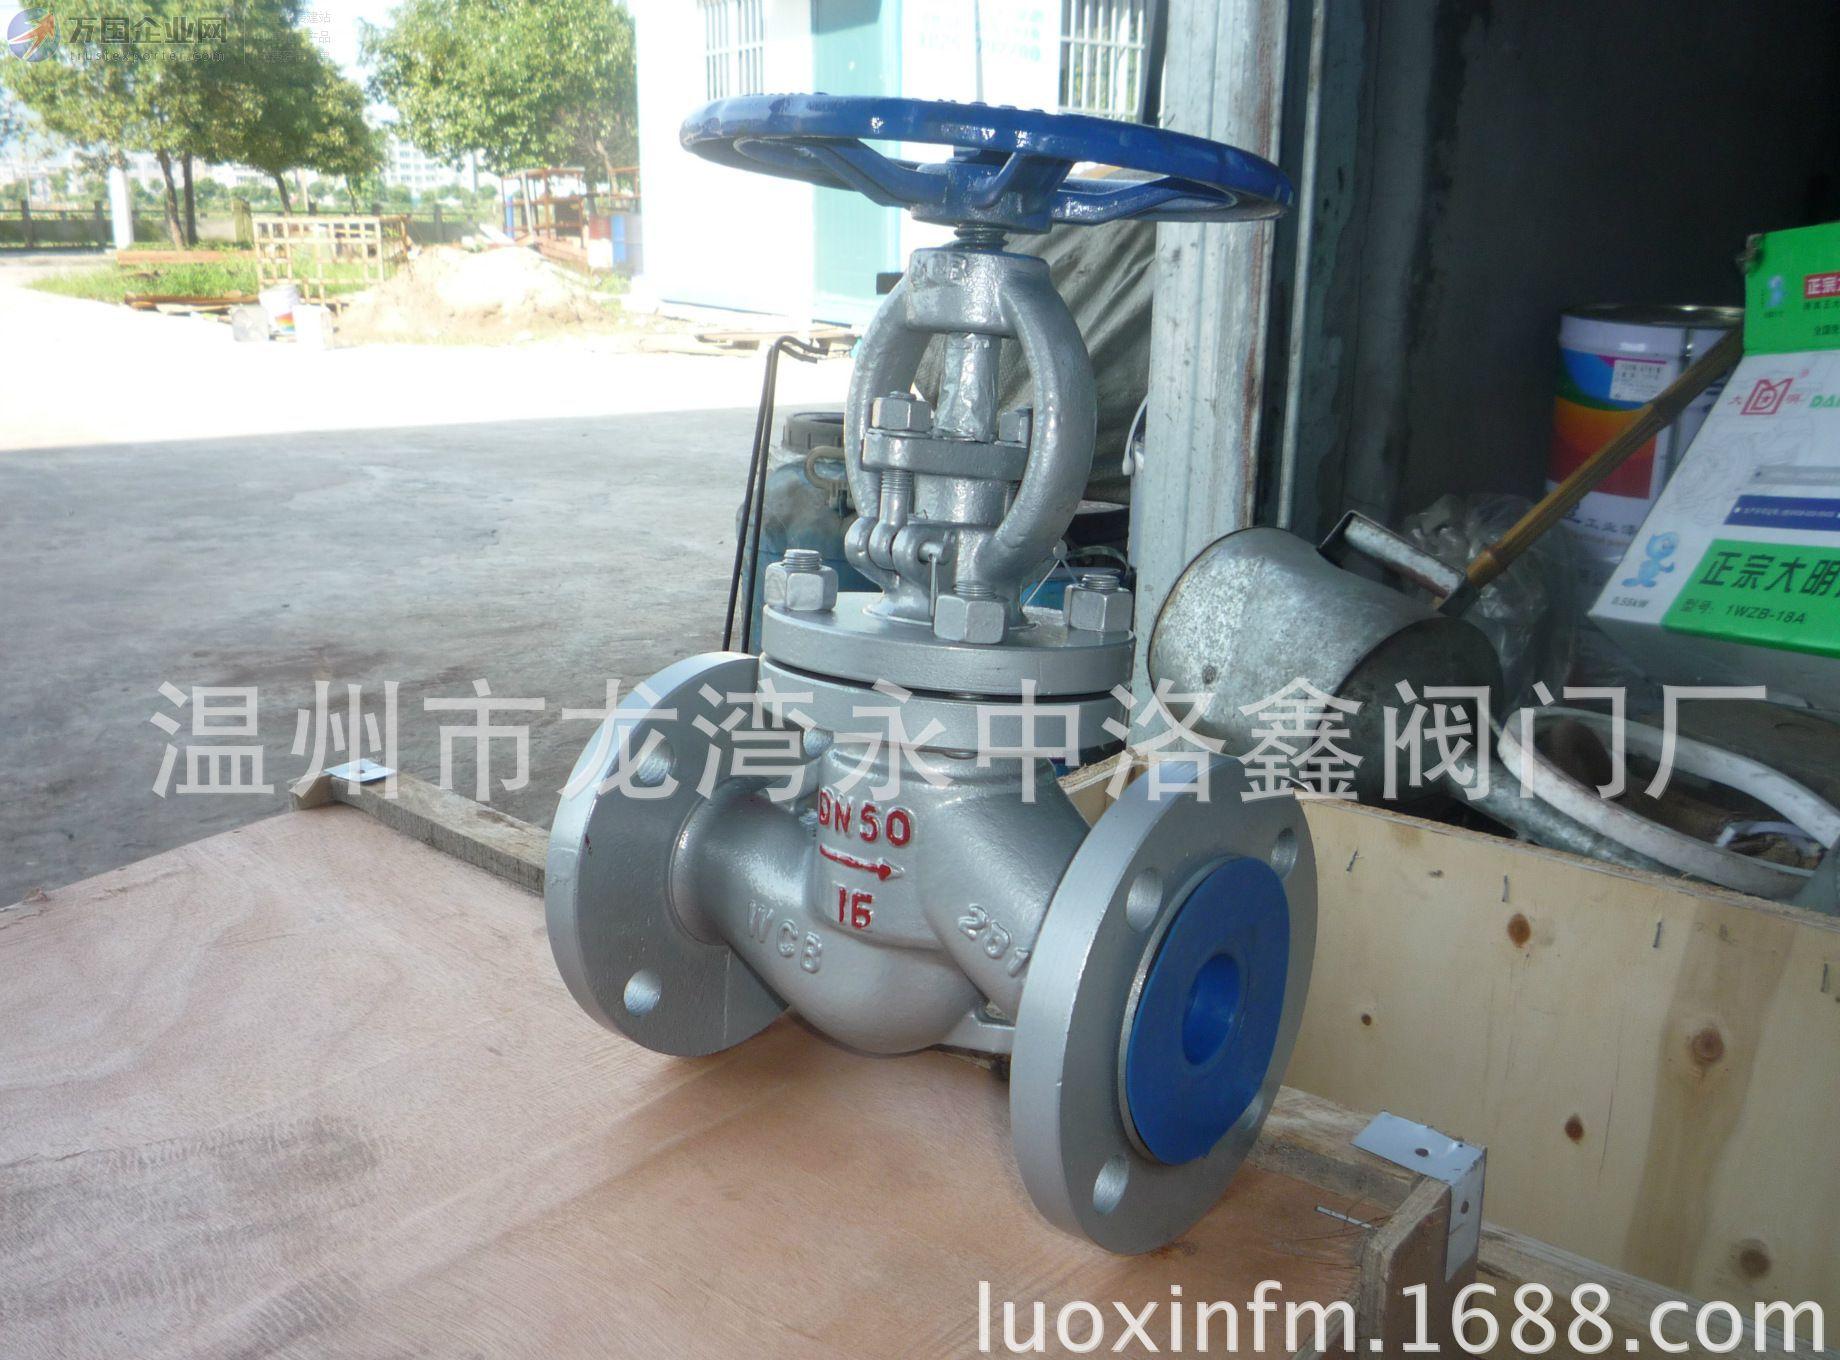 WJ41H-16C导热油专用截止阀产品设计制造严格按照GB/T12235-2007标准